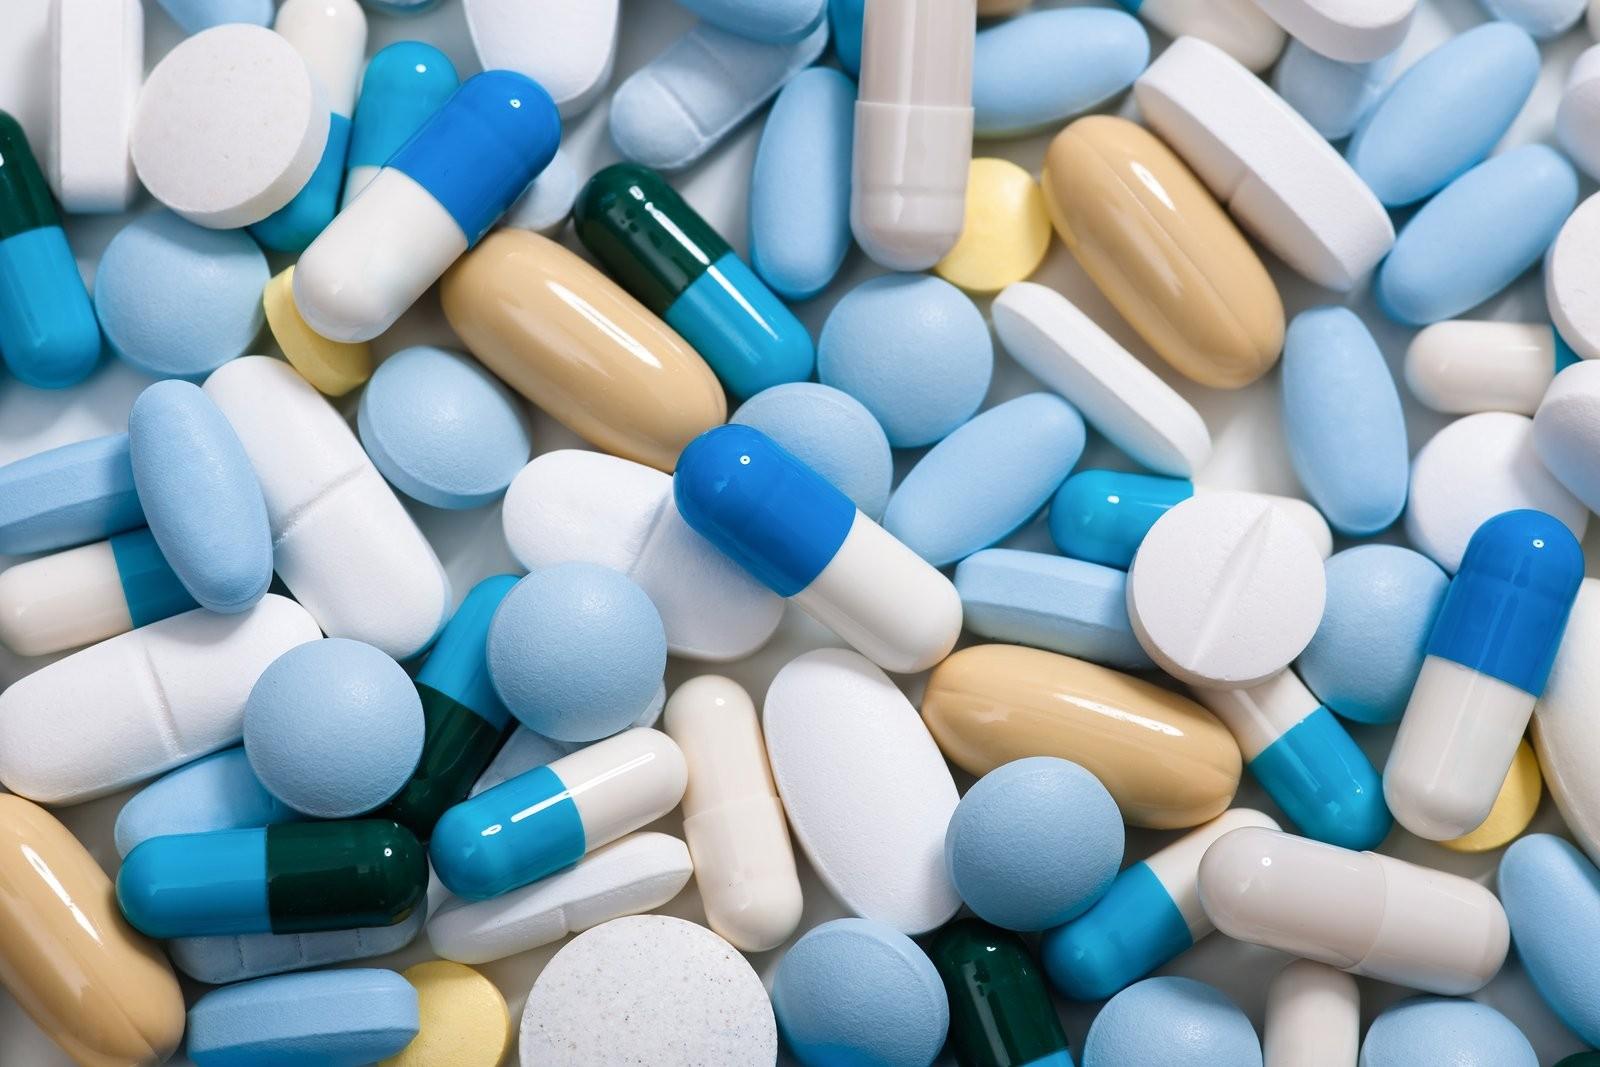 Можно ввозить в россию 10 упаковок витамина д